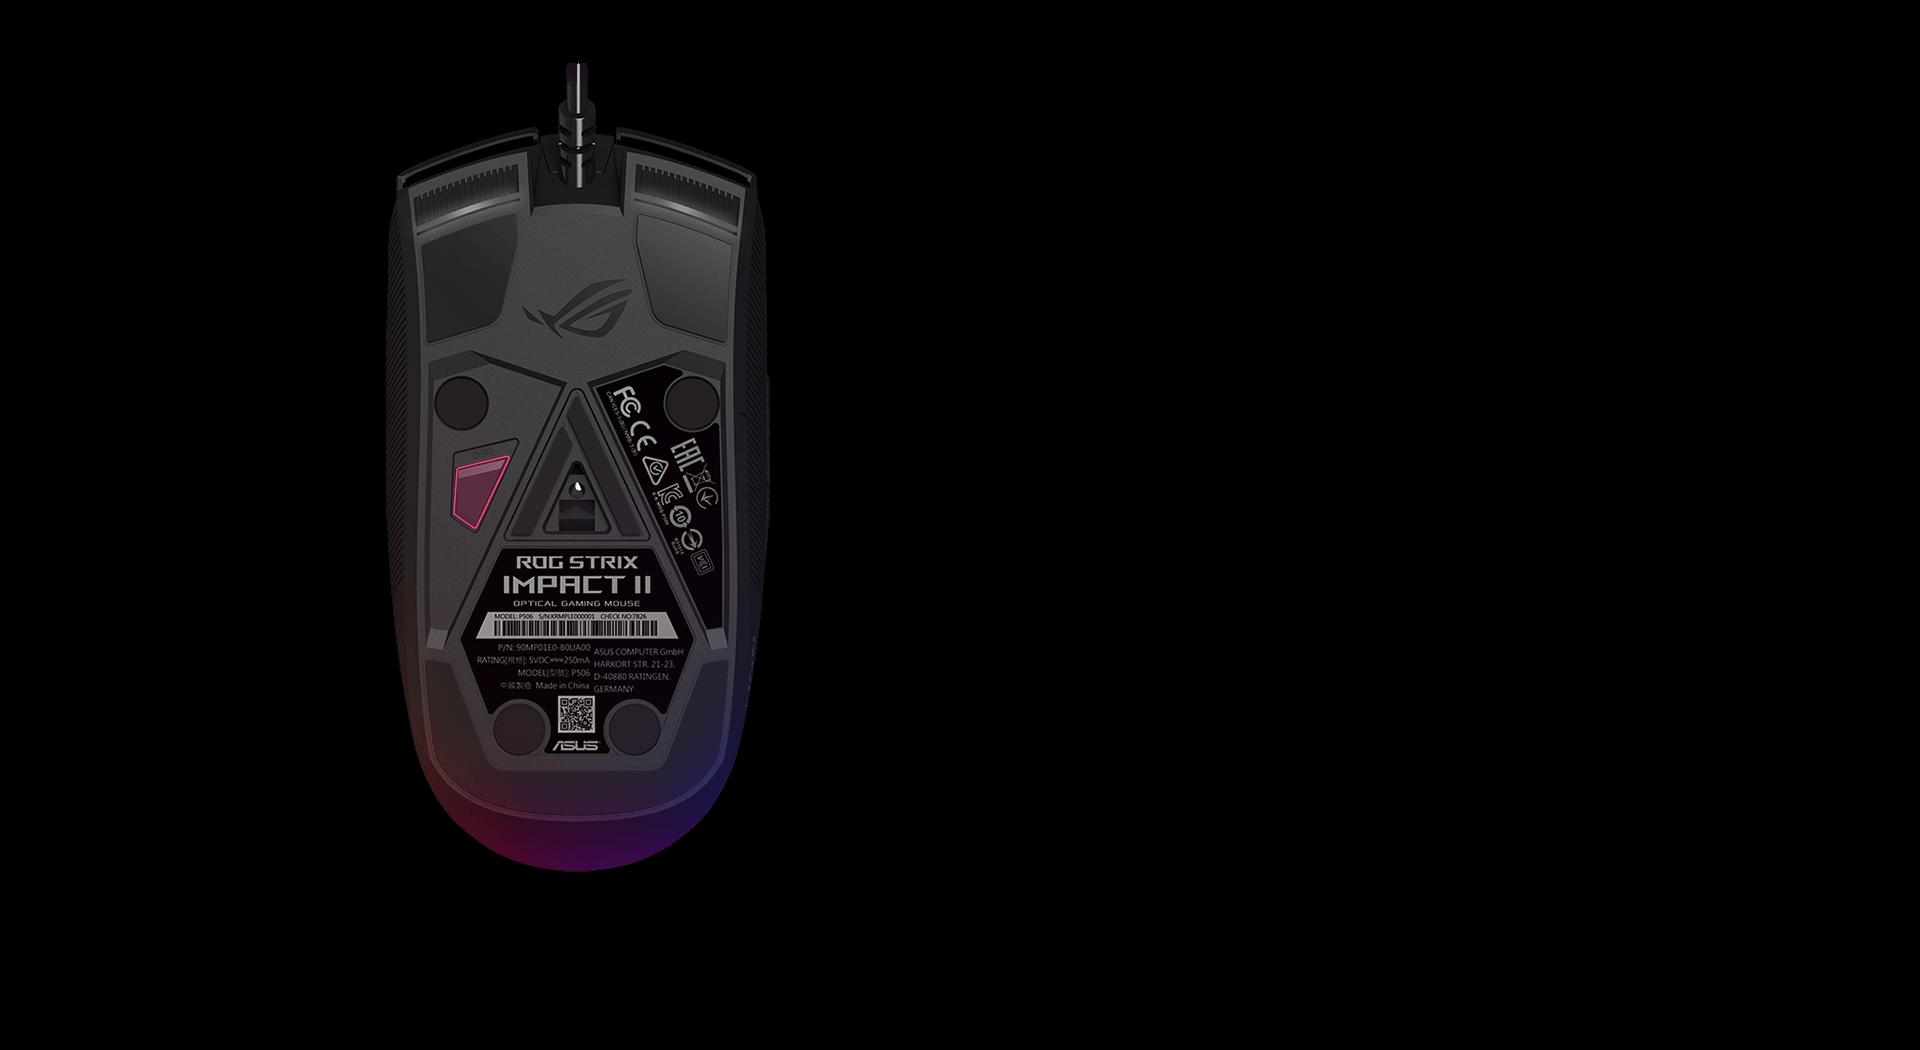 Chuột Asus ROG Strix Impact II (USB/RGB/Đen) có thể chỉnh DPI trực tiếp trên chuột